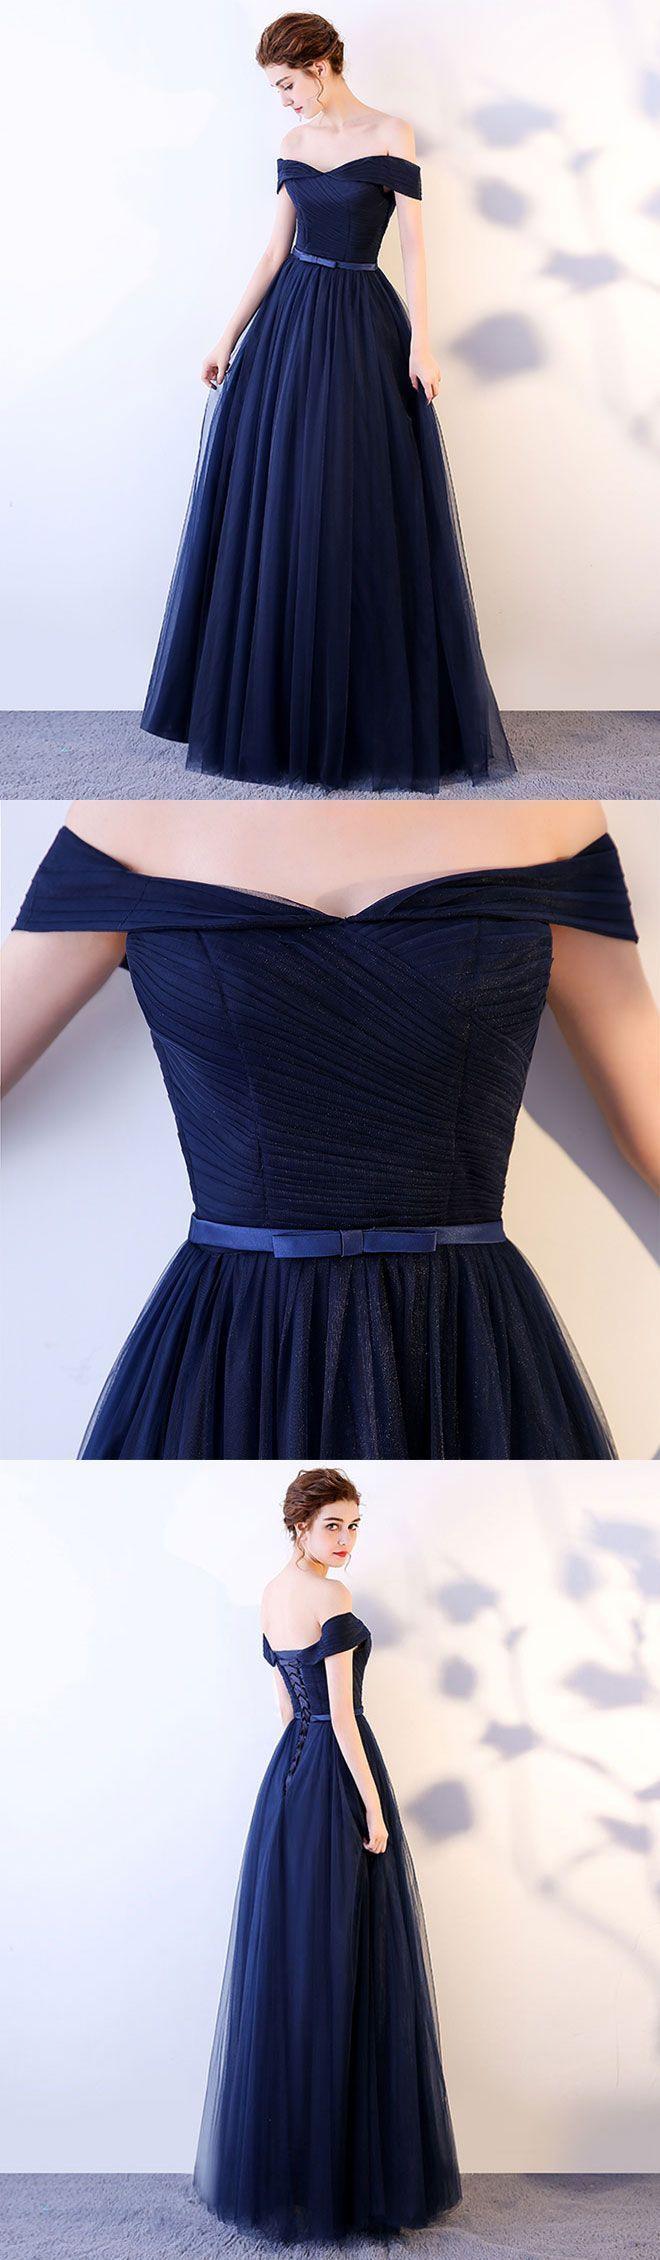 Leicht Dunkelblaues Bodenlanges Kleid Design17 Coolste Dunkelblaues Bodenlanges Kleid für 2019